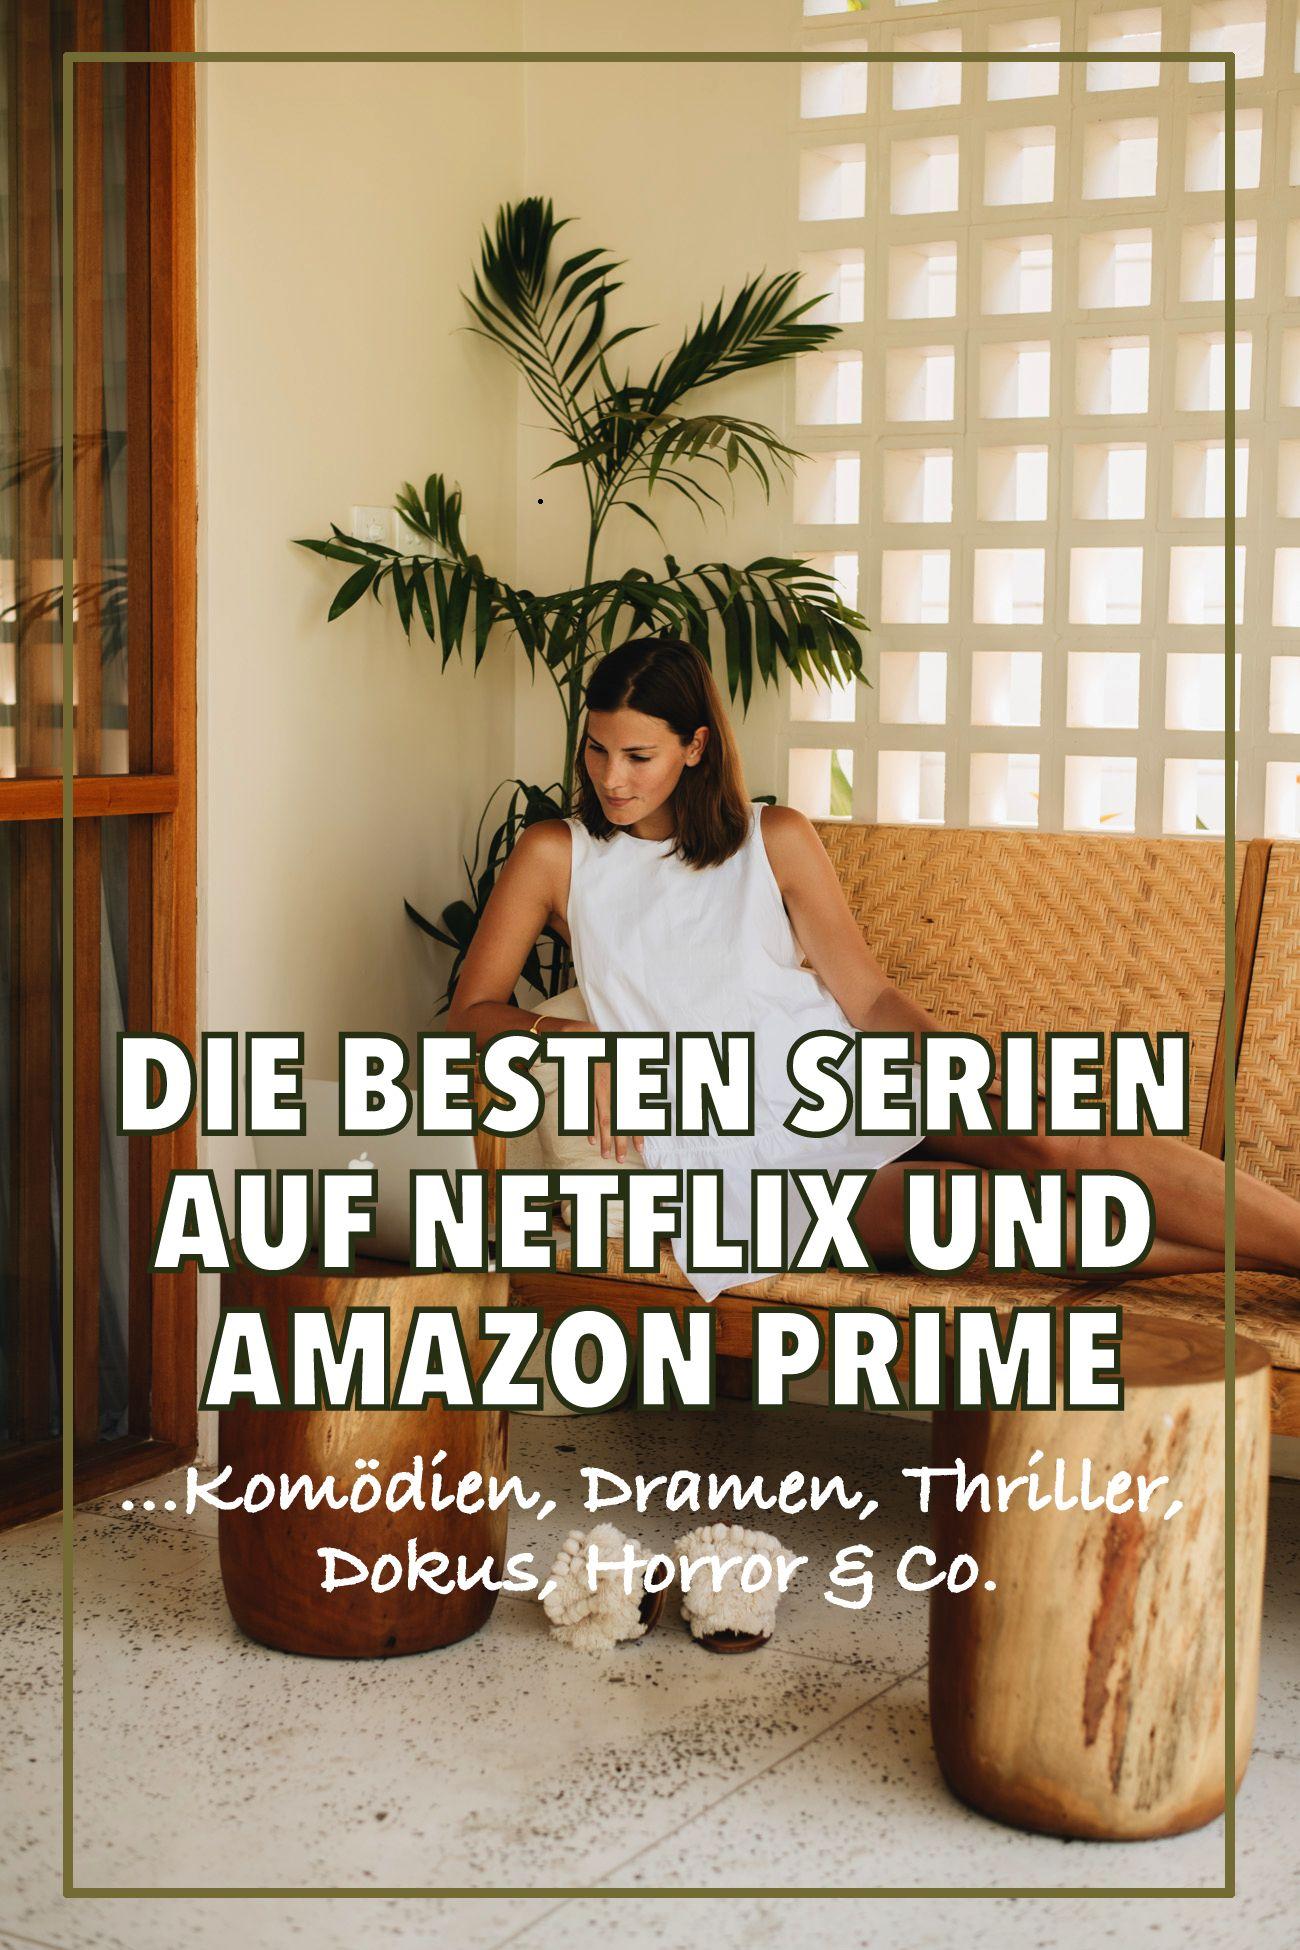 Die Besten Netflix Und Amazon Prime Serien Tipps Von Der Fashiioncarpet Community Netflix Serien Amazon Prime Serien Netflix